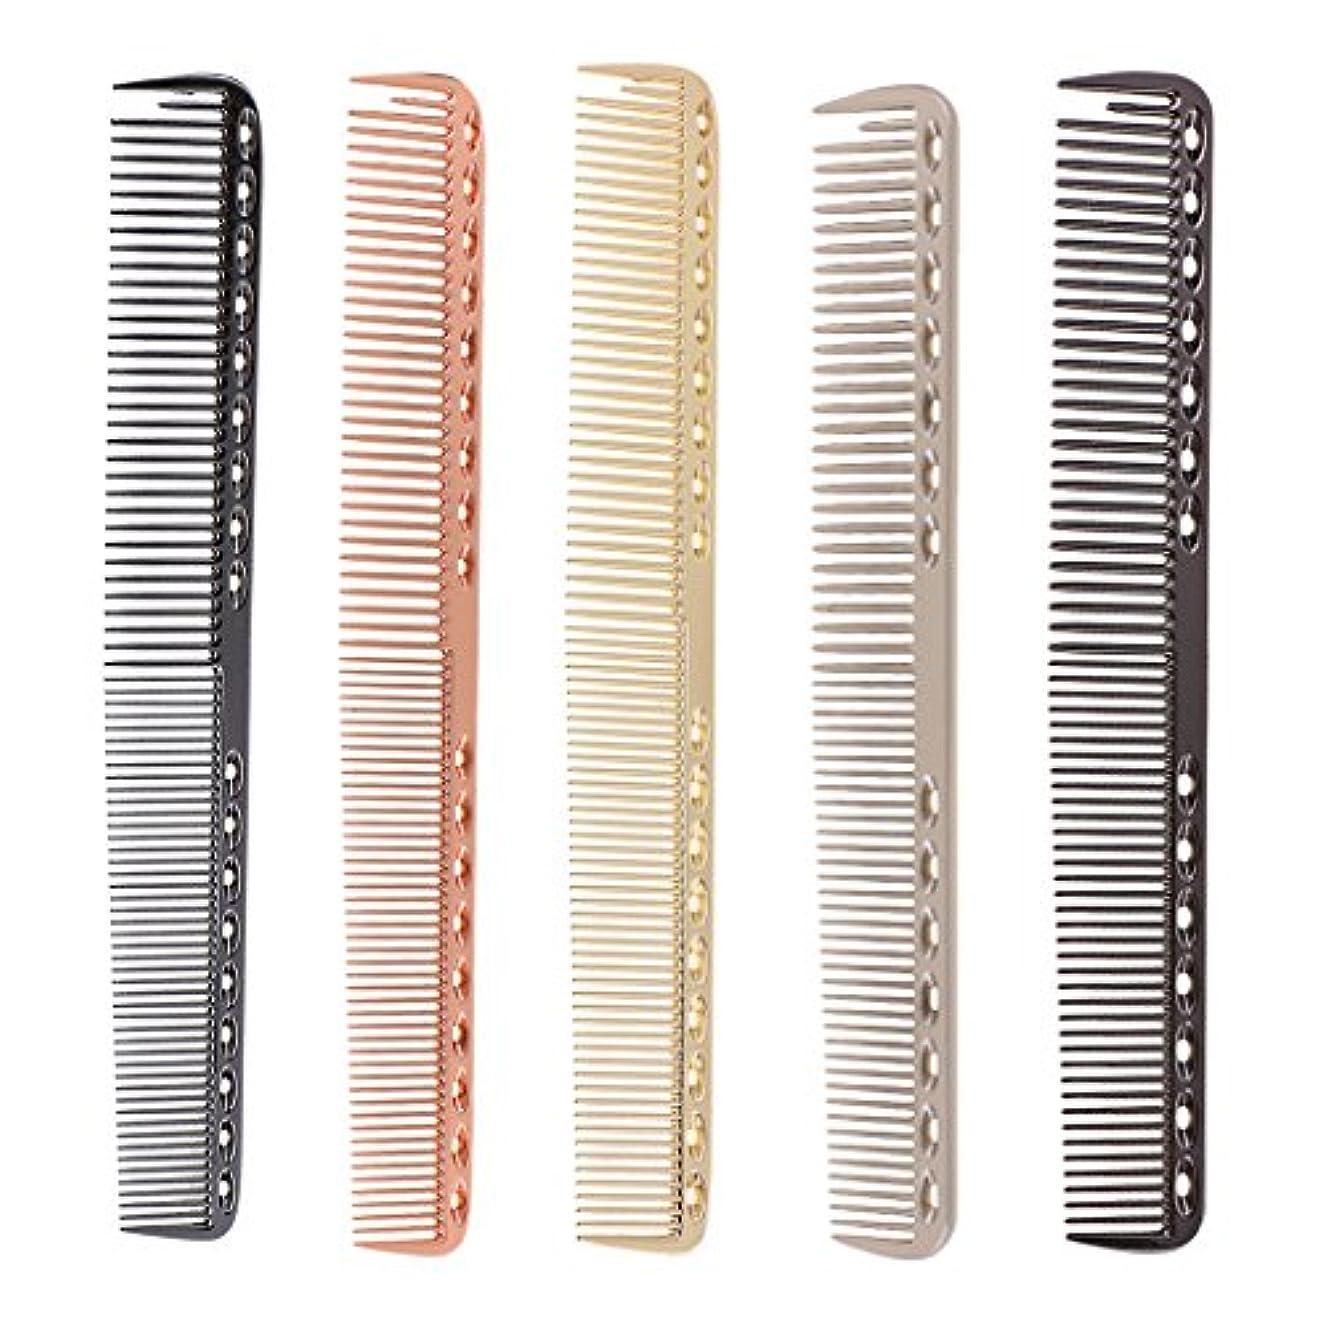 シャベル熱心なシュガーKesoto 5個入り 髪の櫛 櫛 超軽量 アルミ サロン 理髪師 ヘアカット ヘアカッティング